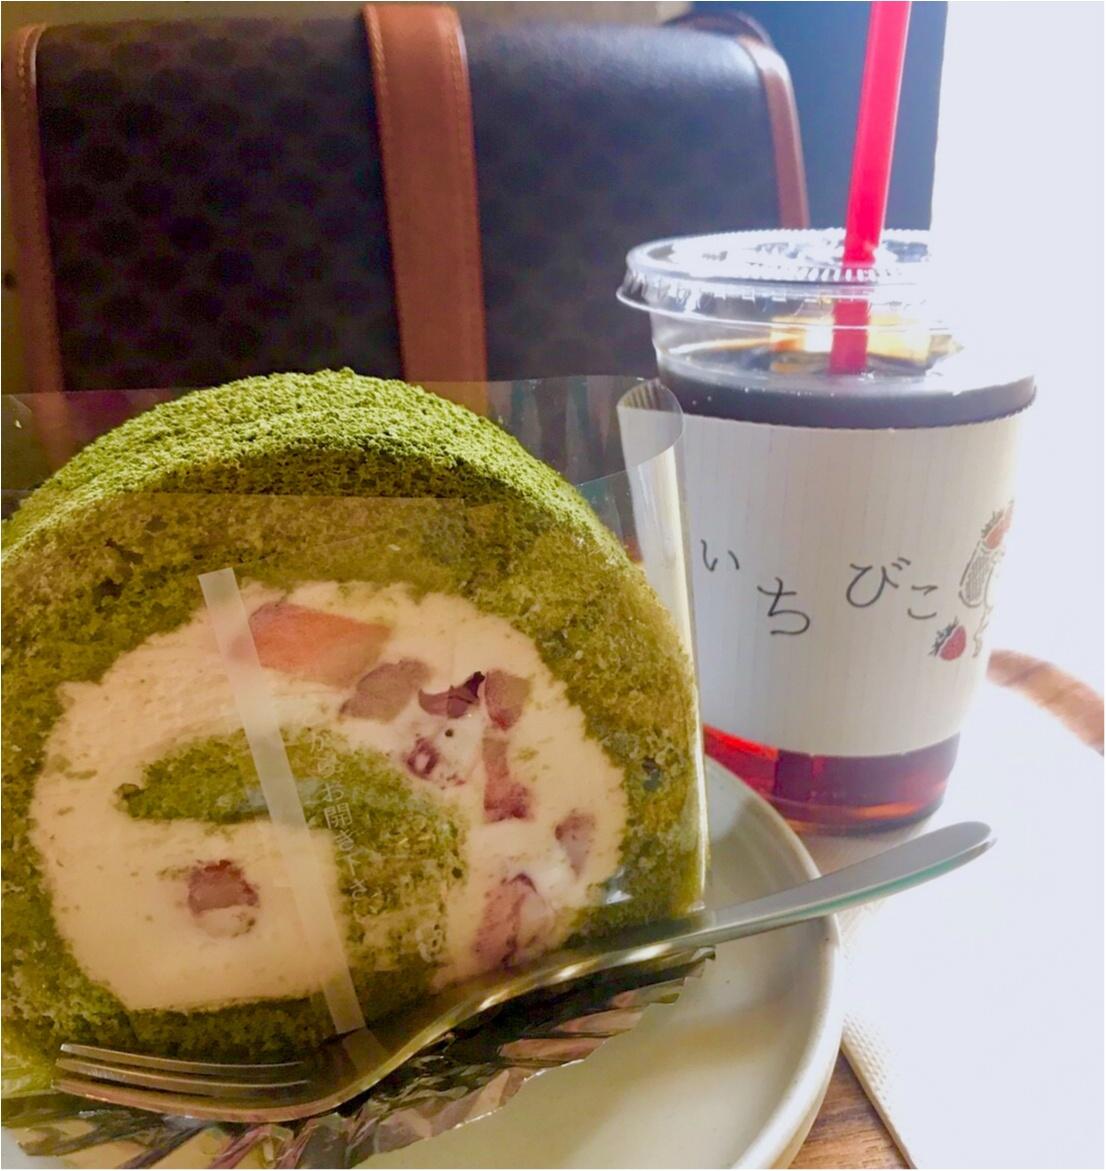 いちご好きなら必見!いちごのケーキ専門店(*^ω^*)_2